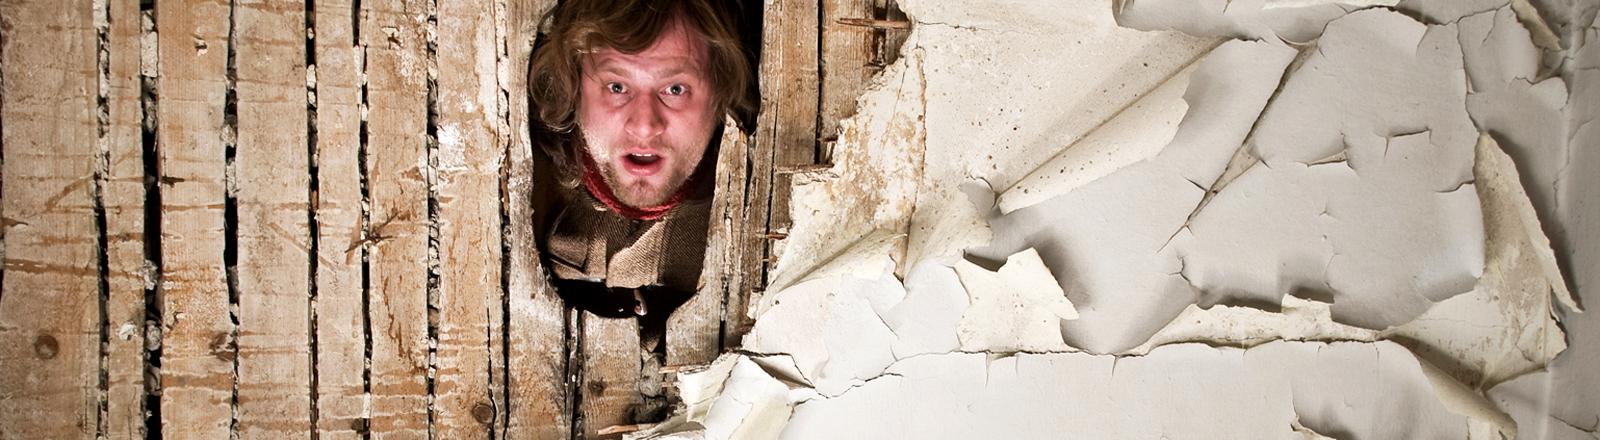 Ein Mann guckt durch eine zerstörte Wand.